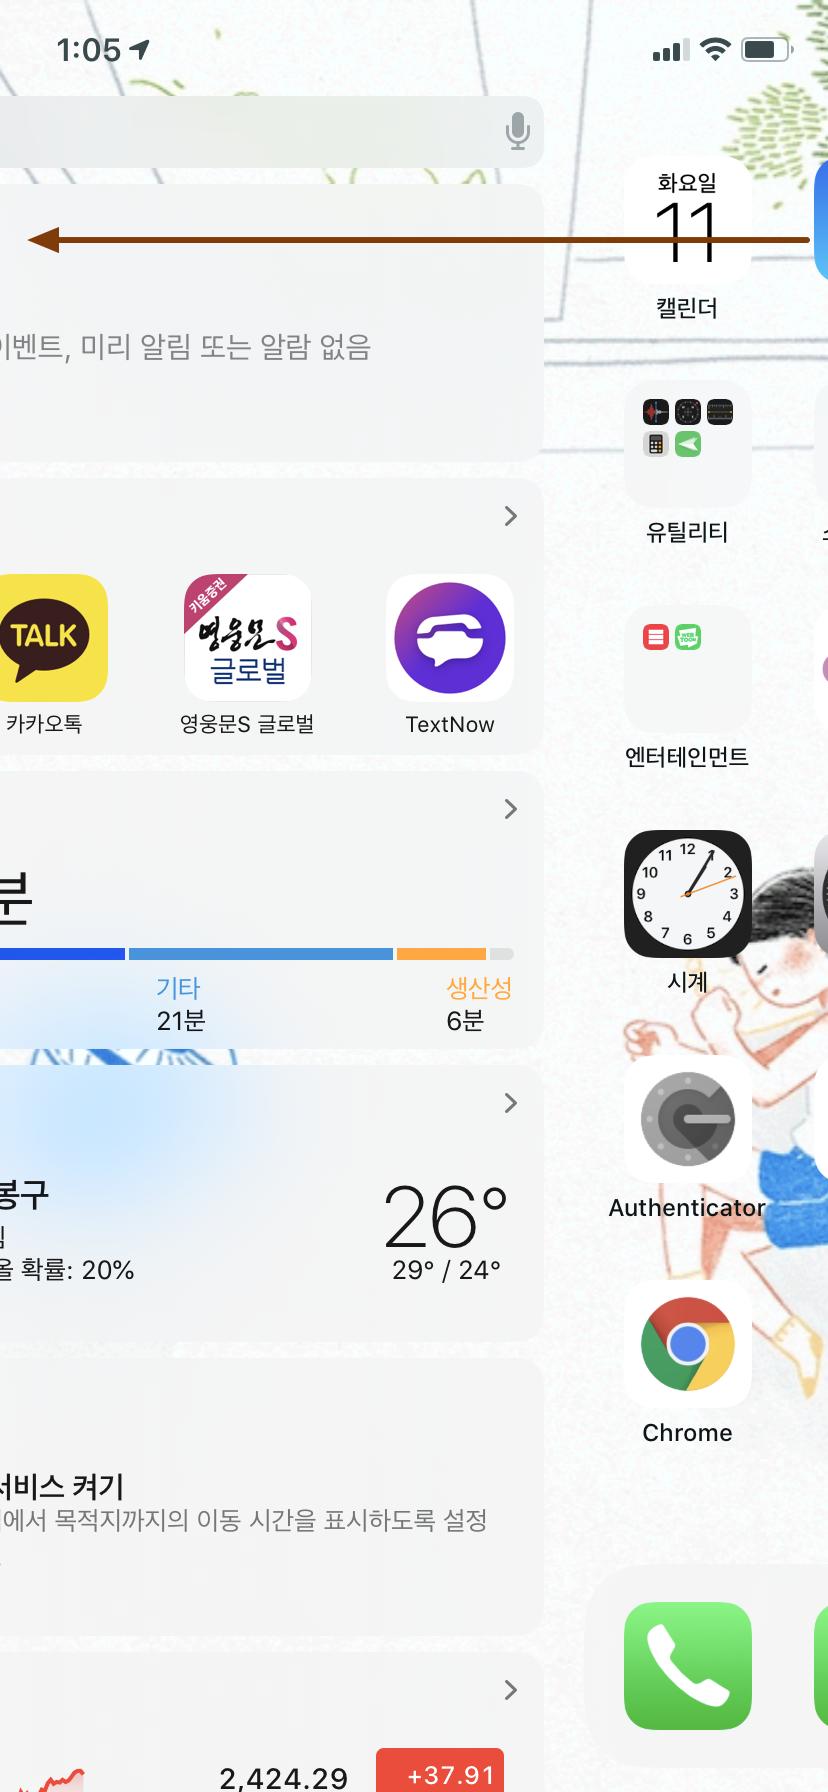 아이폰 왼쪽 화면 위젯에 쓸만한 게 뭐가 있을까?